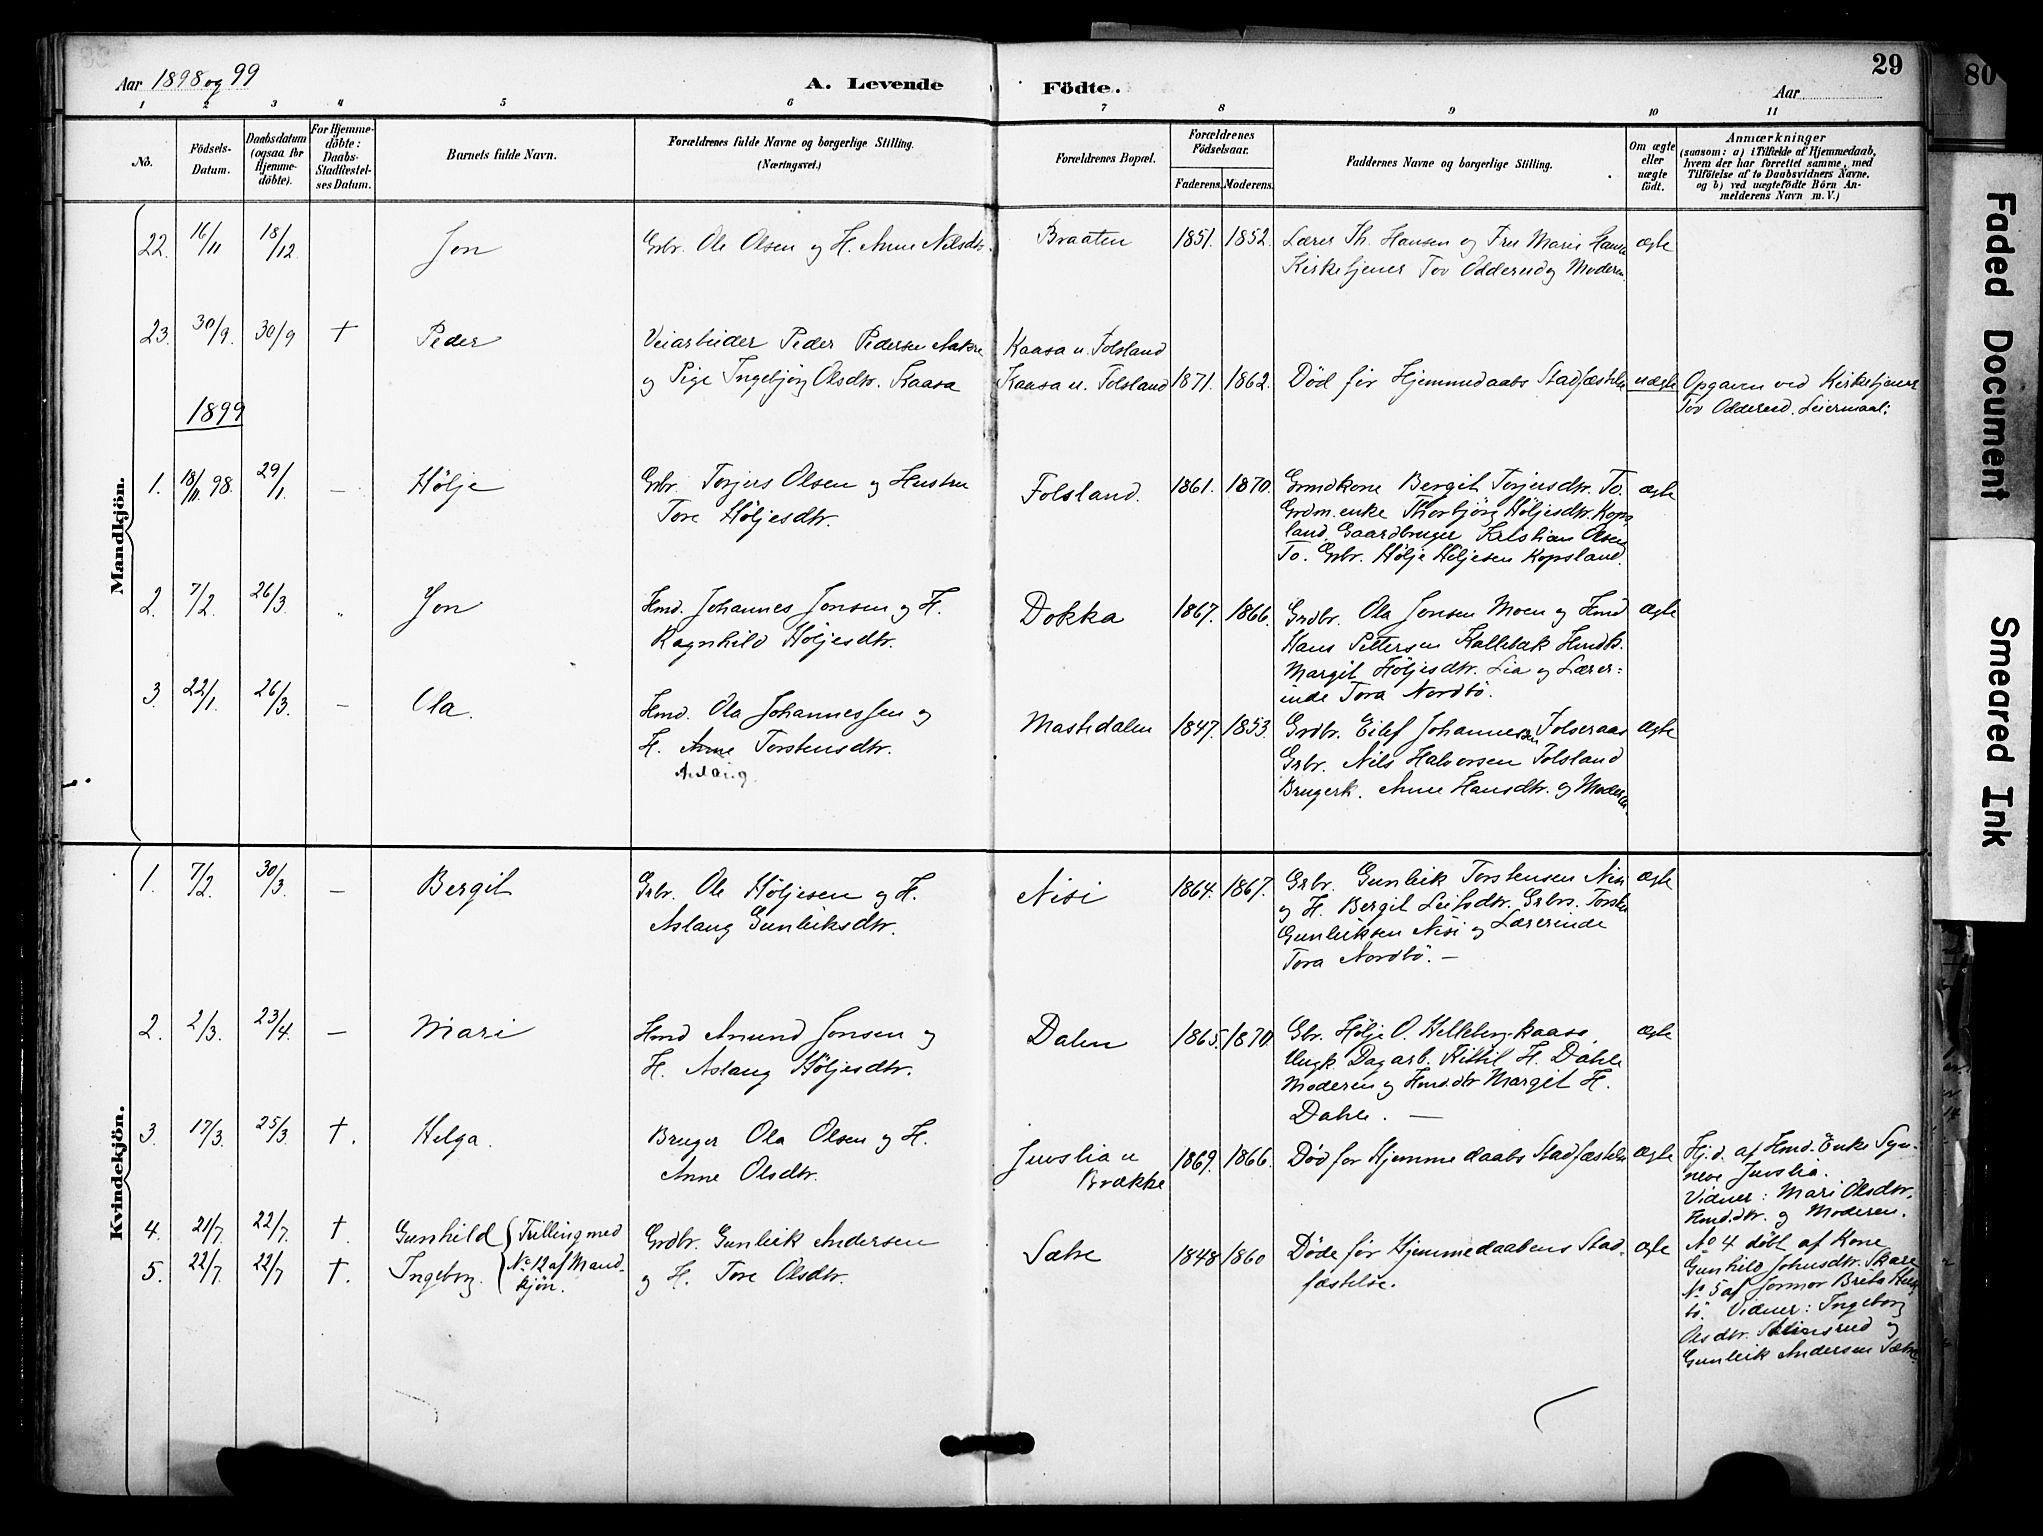 SAKO, Gransherad kirkebøker, F/Fa/L0005: Ministerialbok nr. I 5, 1887-1916, s. 29